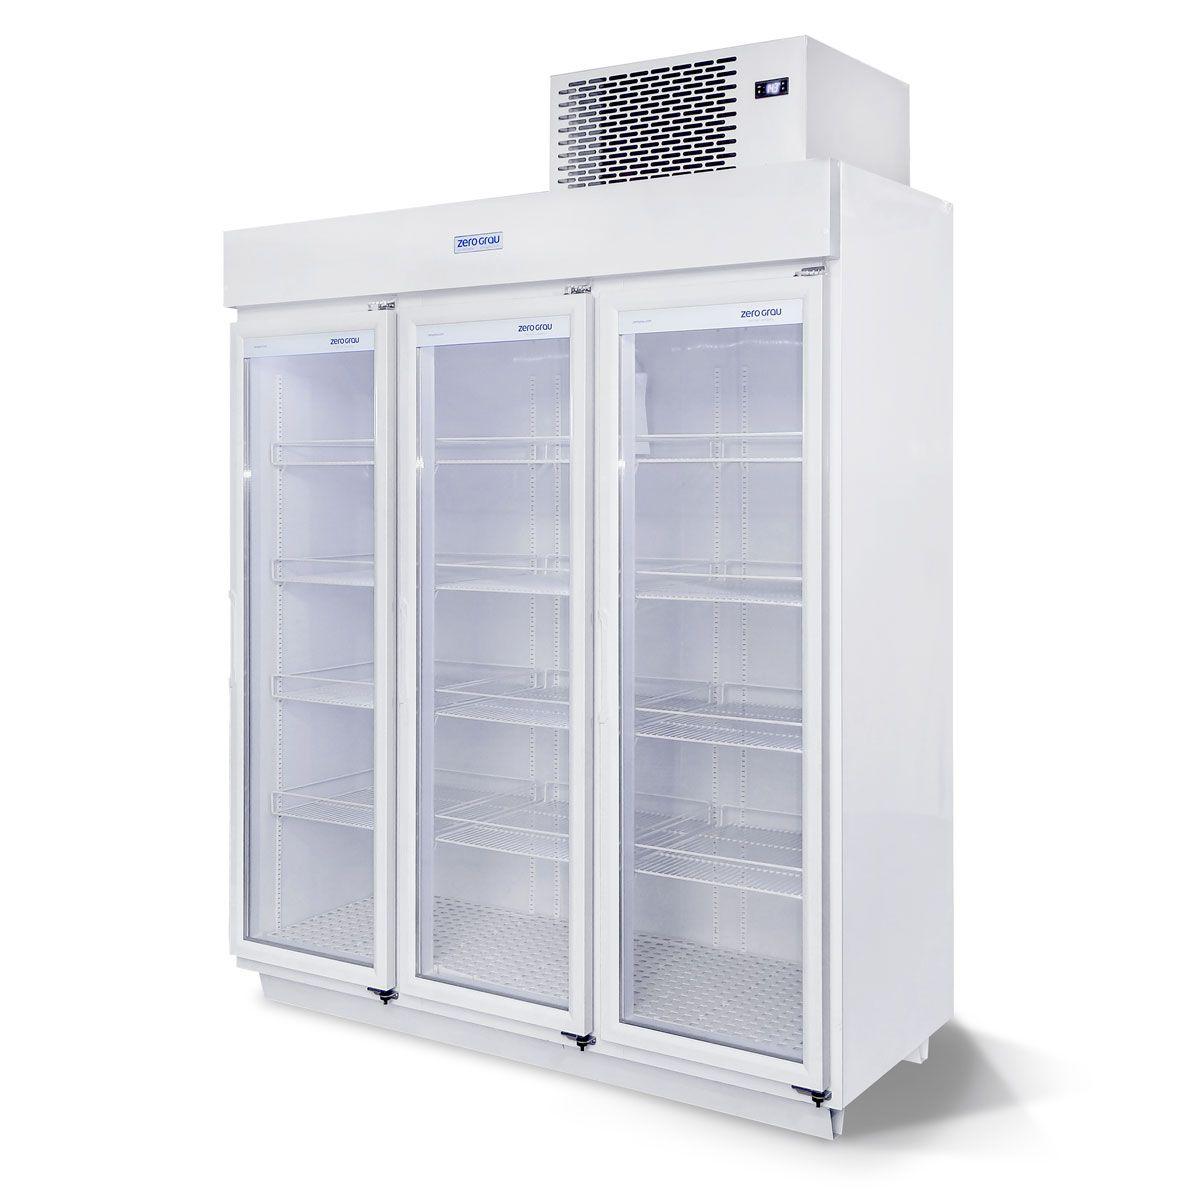 Expositor 1590 Litros 3 Portas para Congelados Até -18 Graus